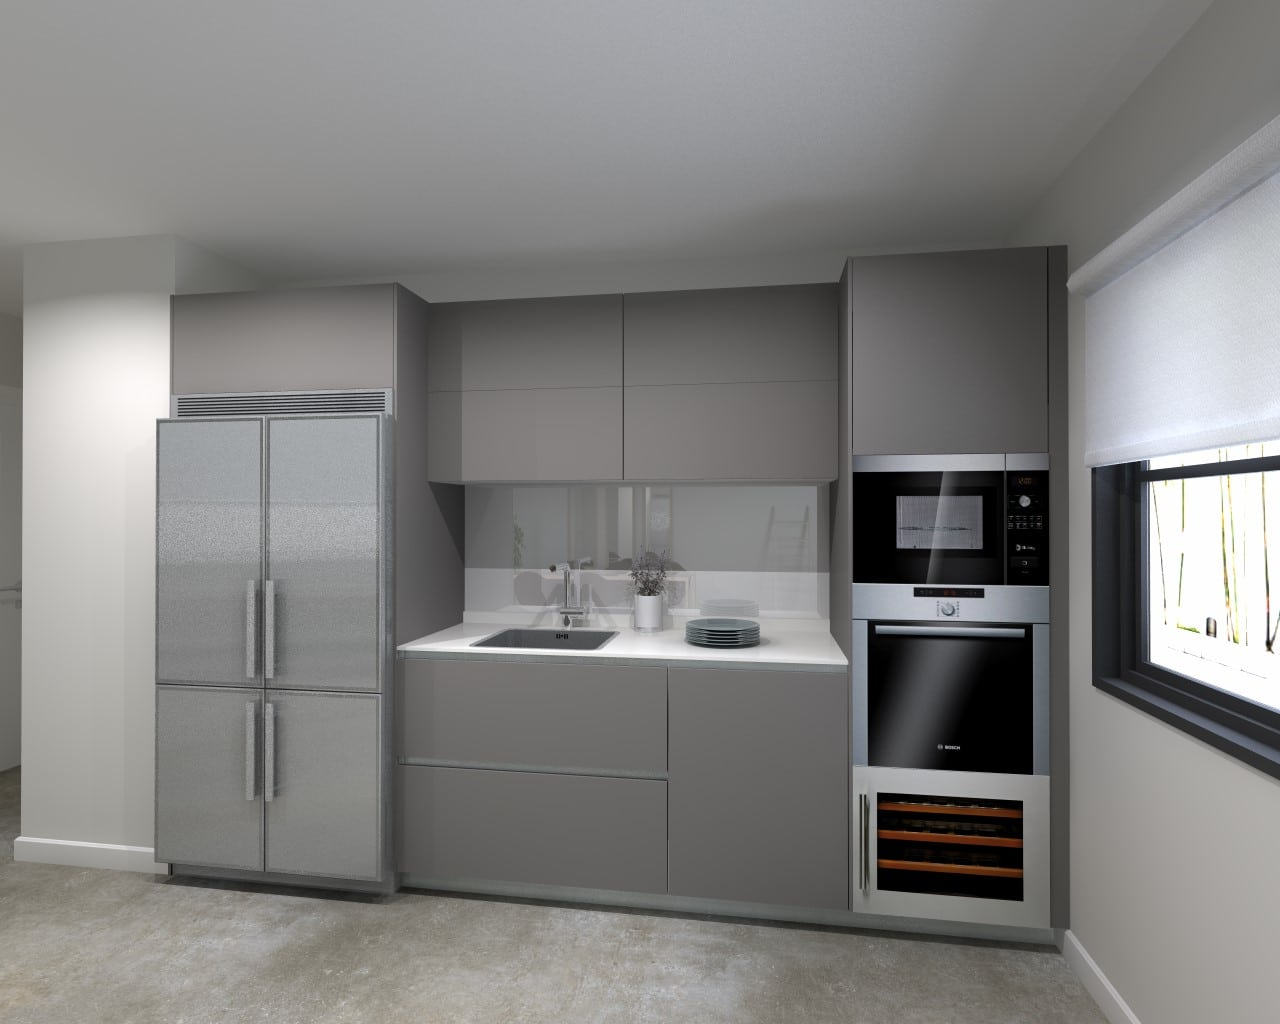 Cocina santos line e estratificado seda color gris vis n y for Elemento de cocina gris